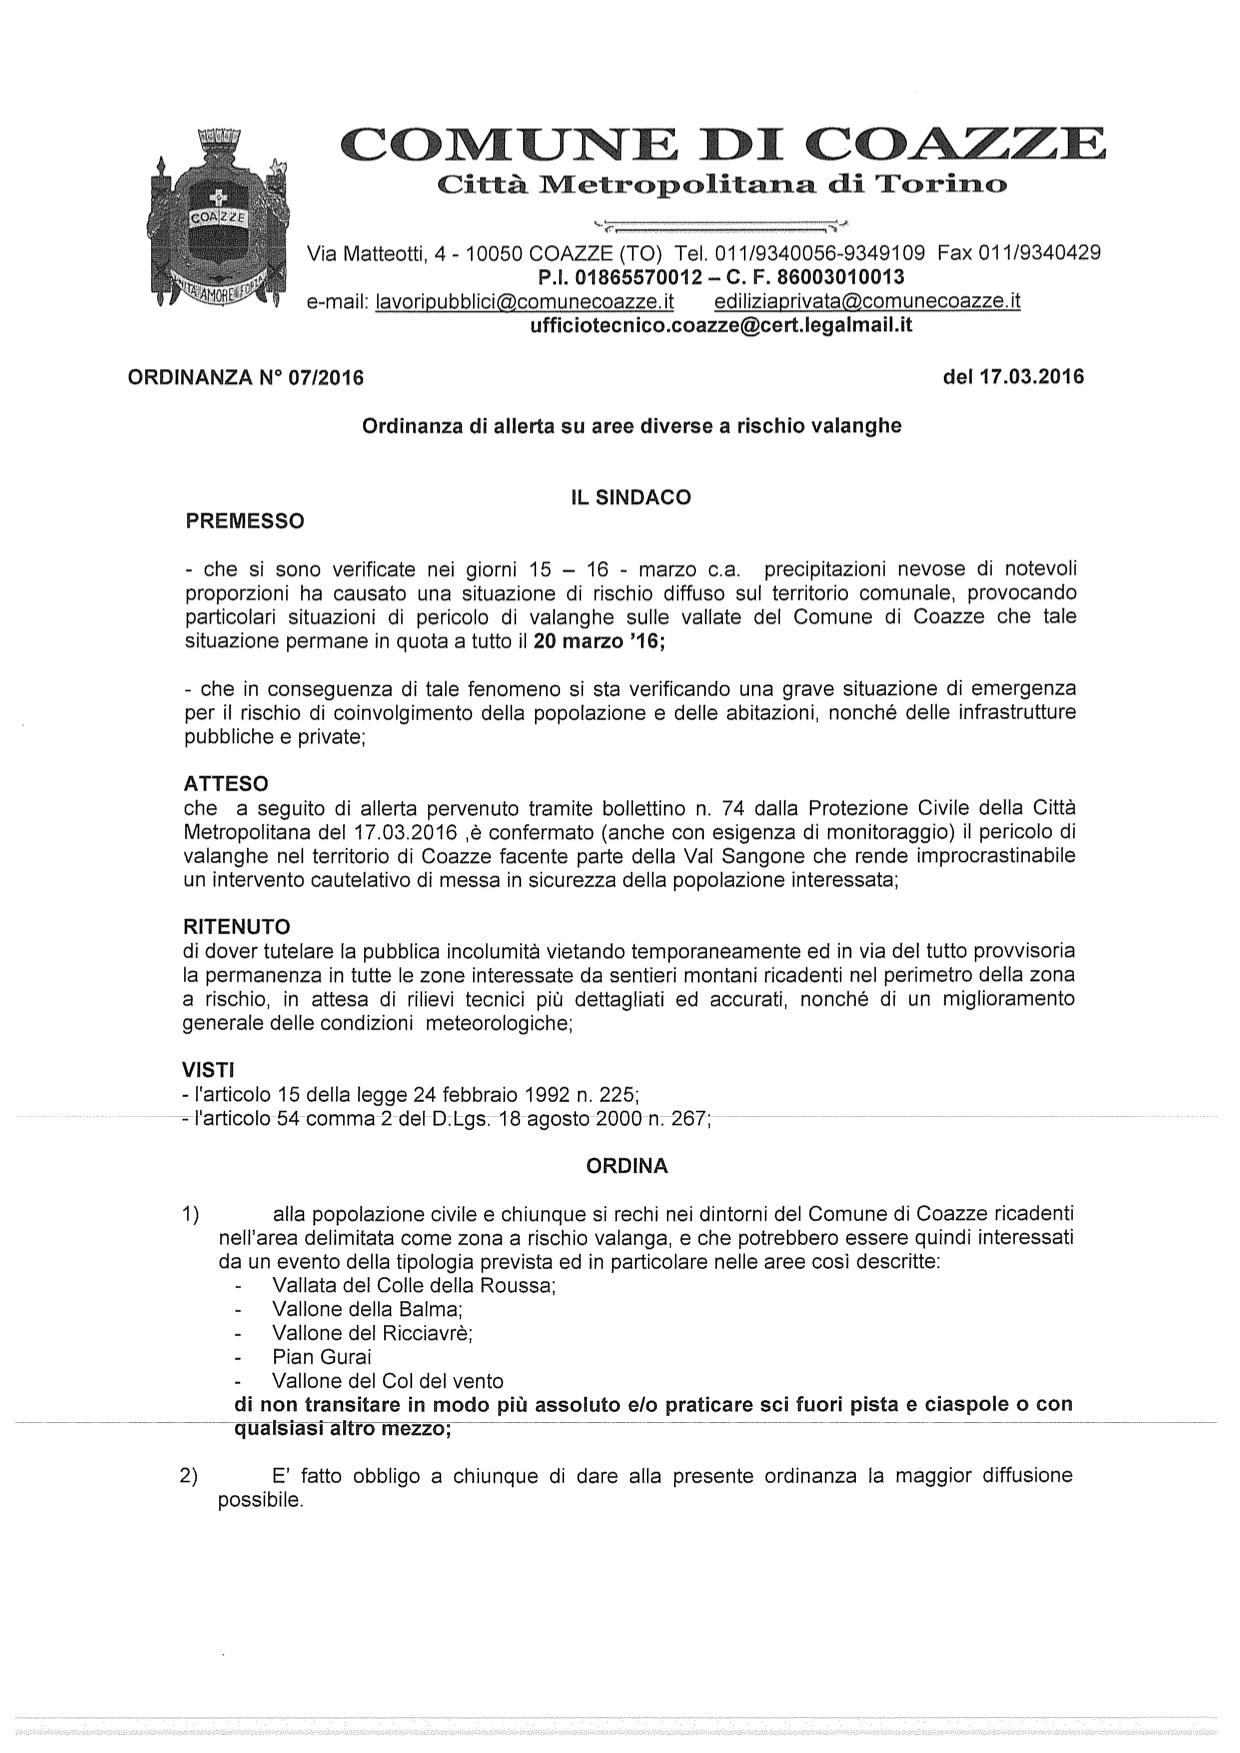 ordinanza n.07/2016  del 17/03/2016 ORDINANZA DI ALLERTA SU AREE DIVERSE A RISCHIO VALANGHE